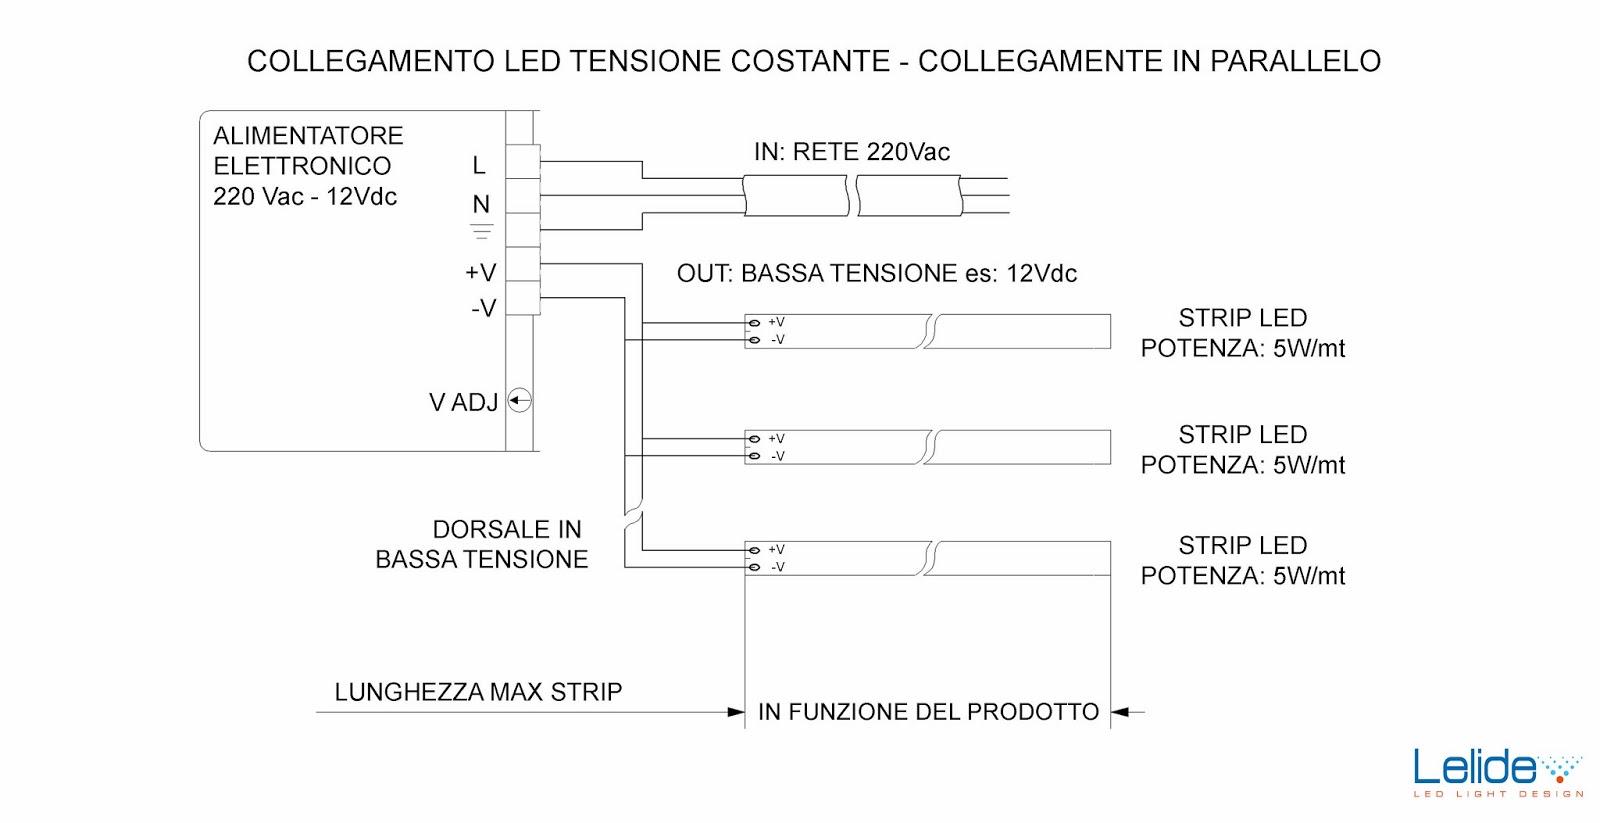 Schema Elettrico Camper : W dc v ac v elettrico schema elettrico per inverter di